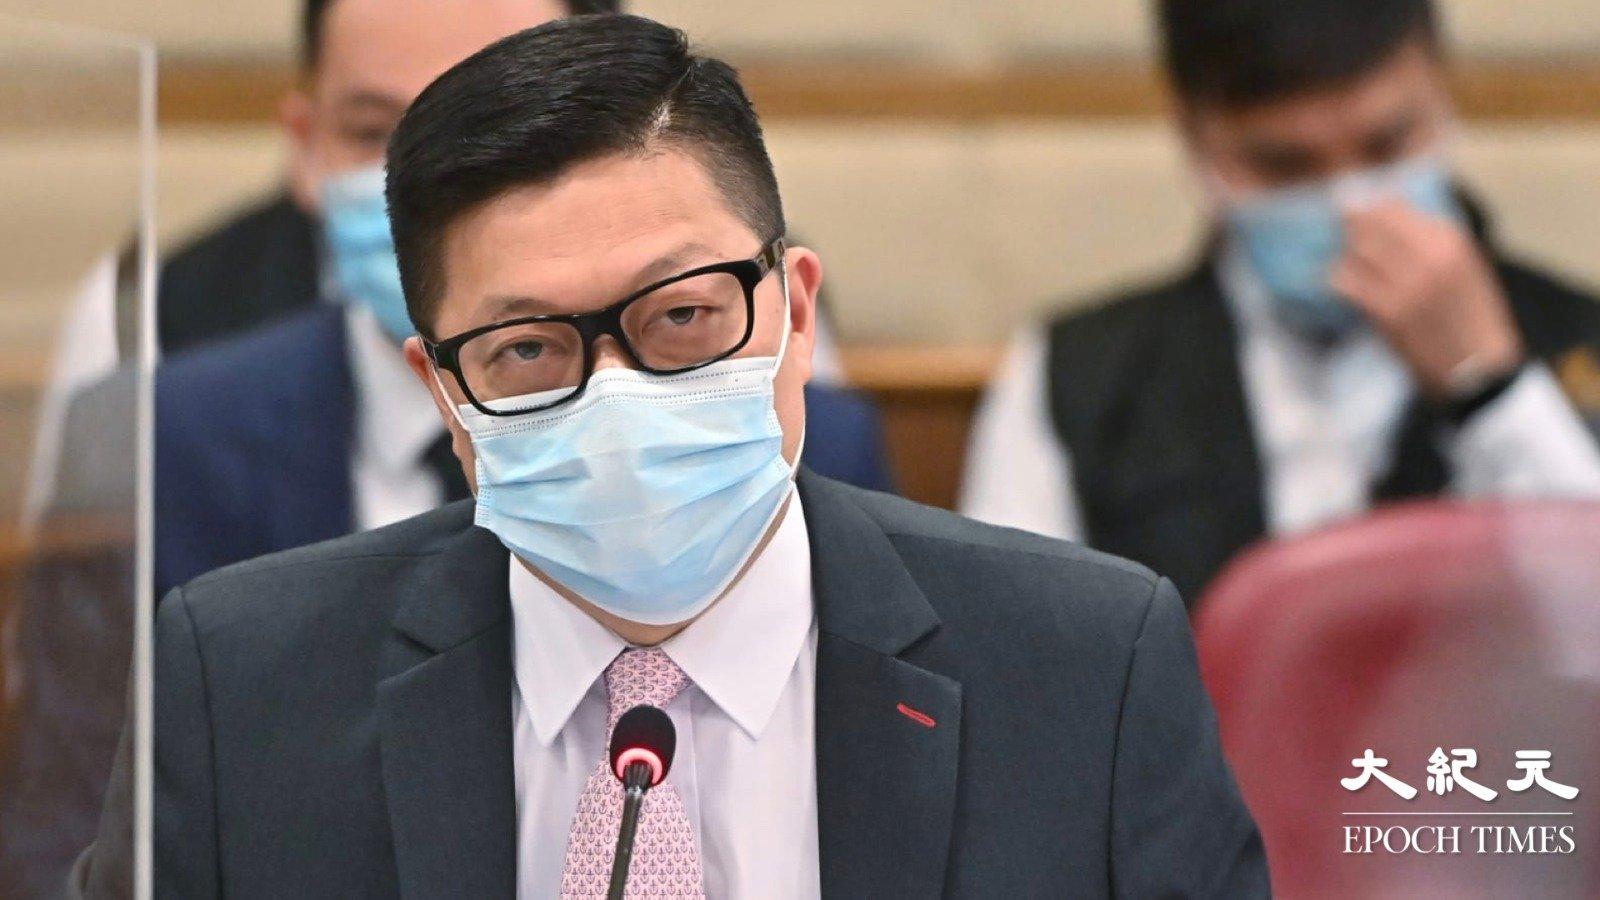 港警務處處長鄧炳強9月29日下午出席油尖旺區議會會議。(宋碧龍/大紀元)